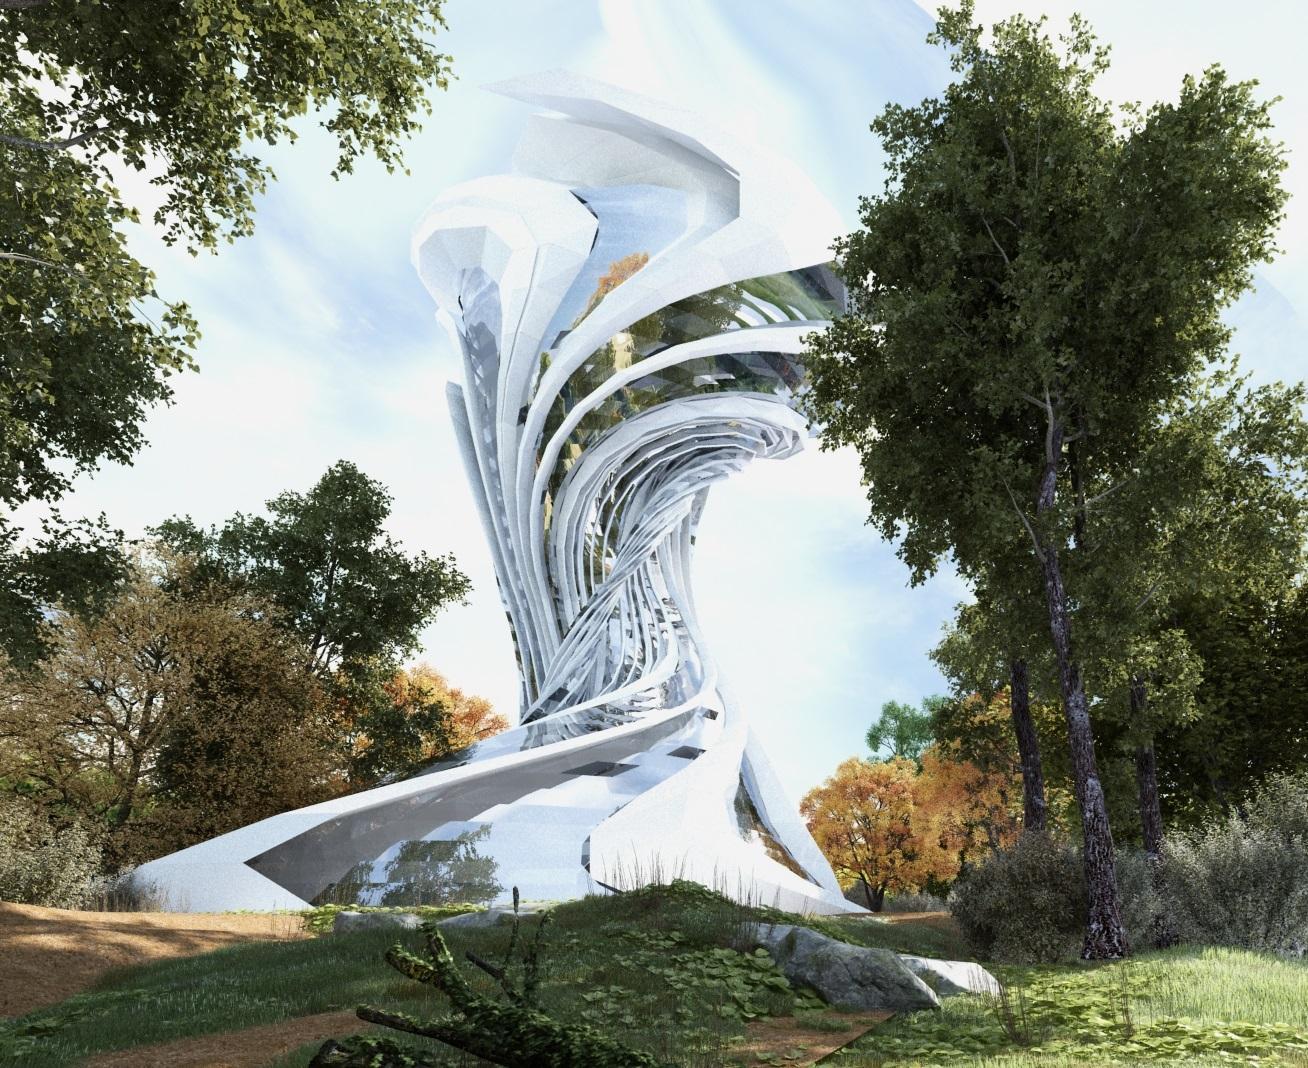 Sci fi design concept for essam center hotel architecture for Sci fi decor